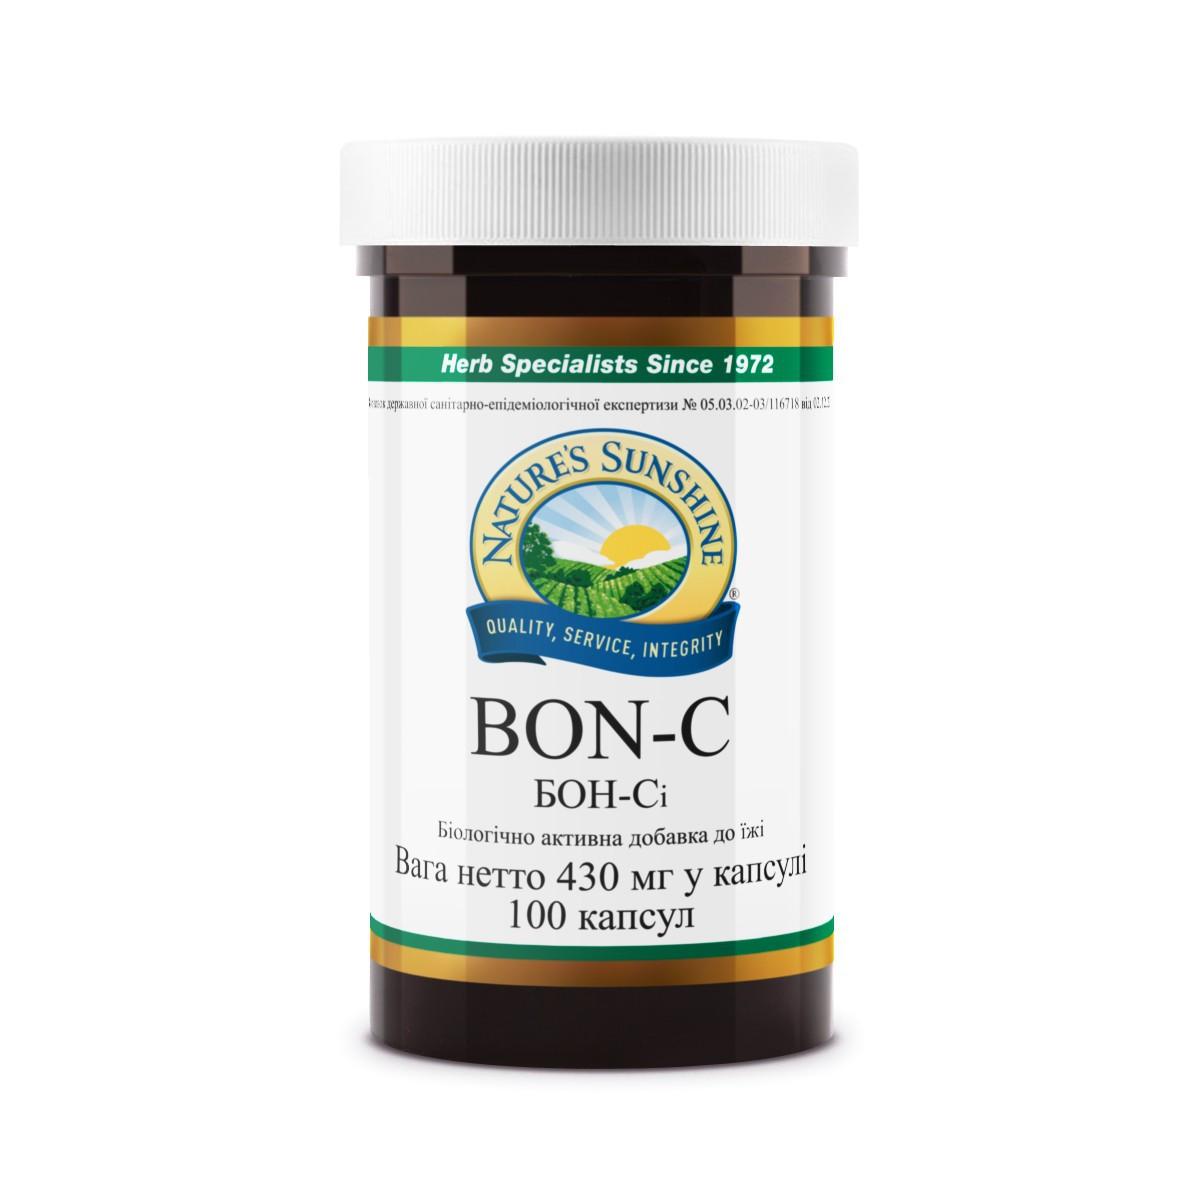 Bon-C Бон-Си, НСП, США, NSP. Натуральный препарат для укрепления опорно-двигательного аппарата.